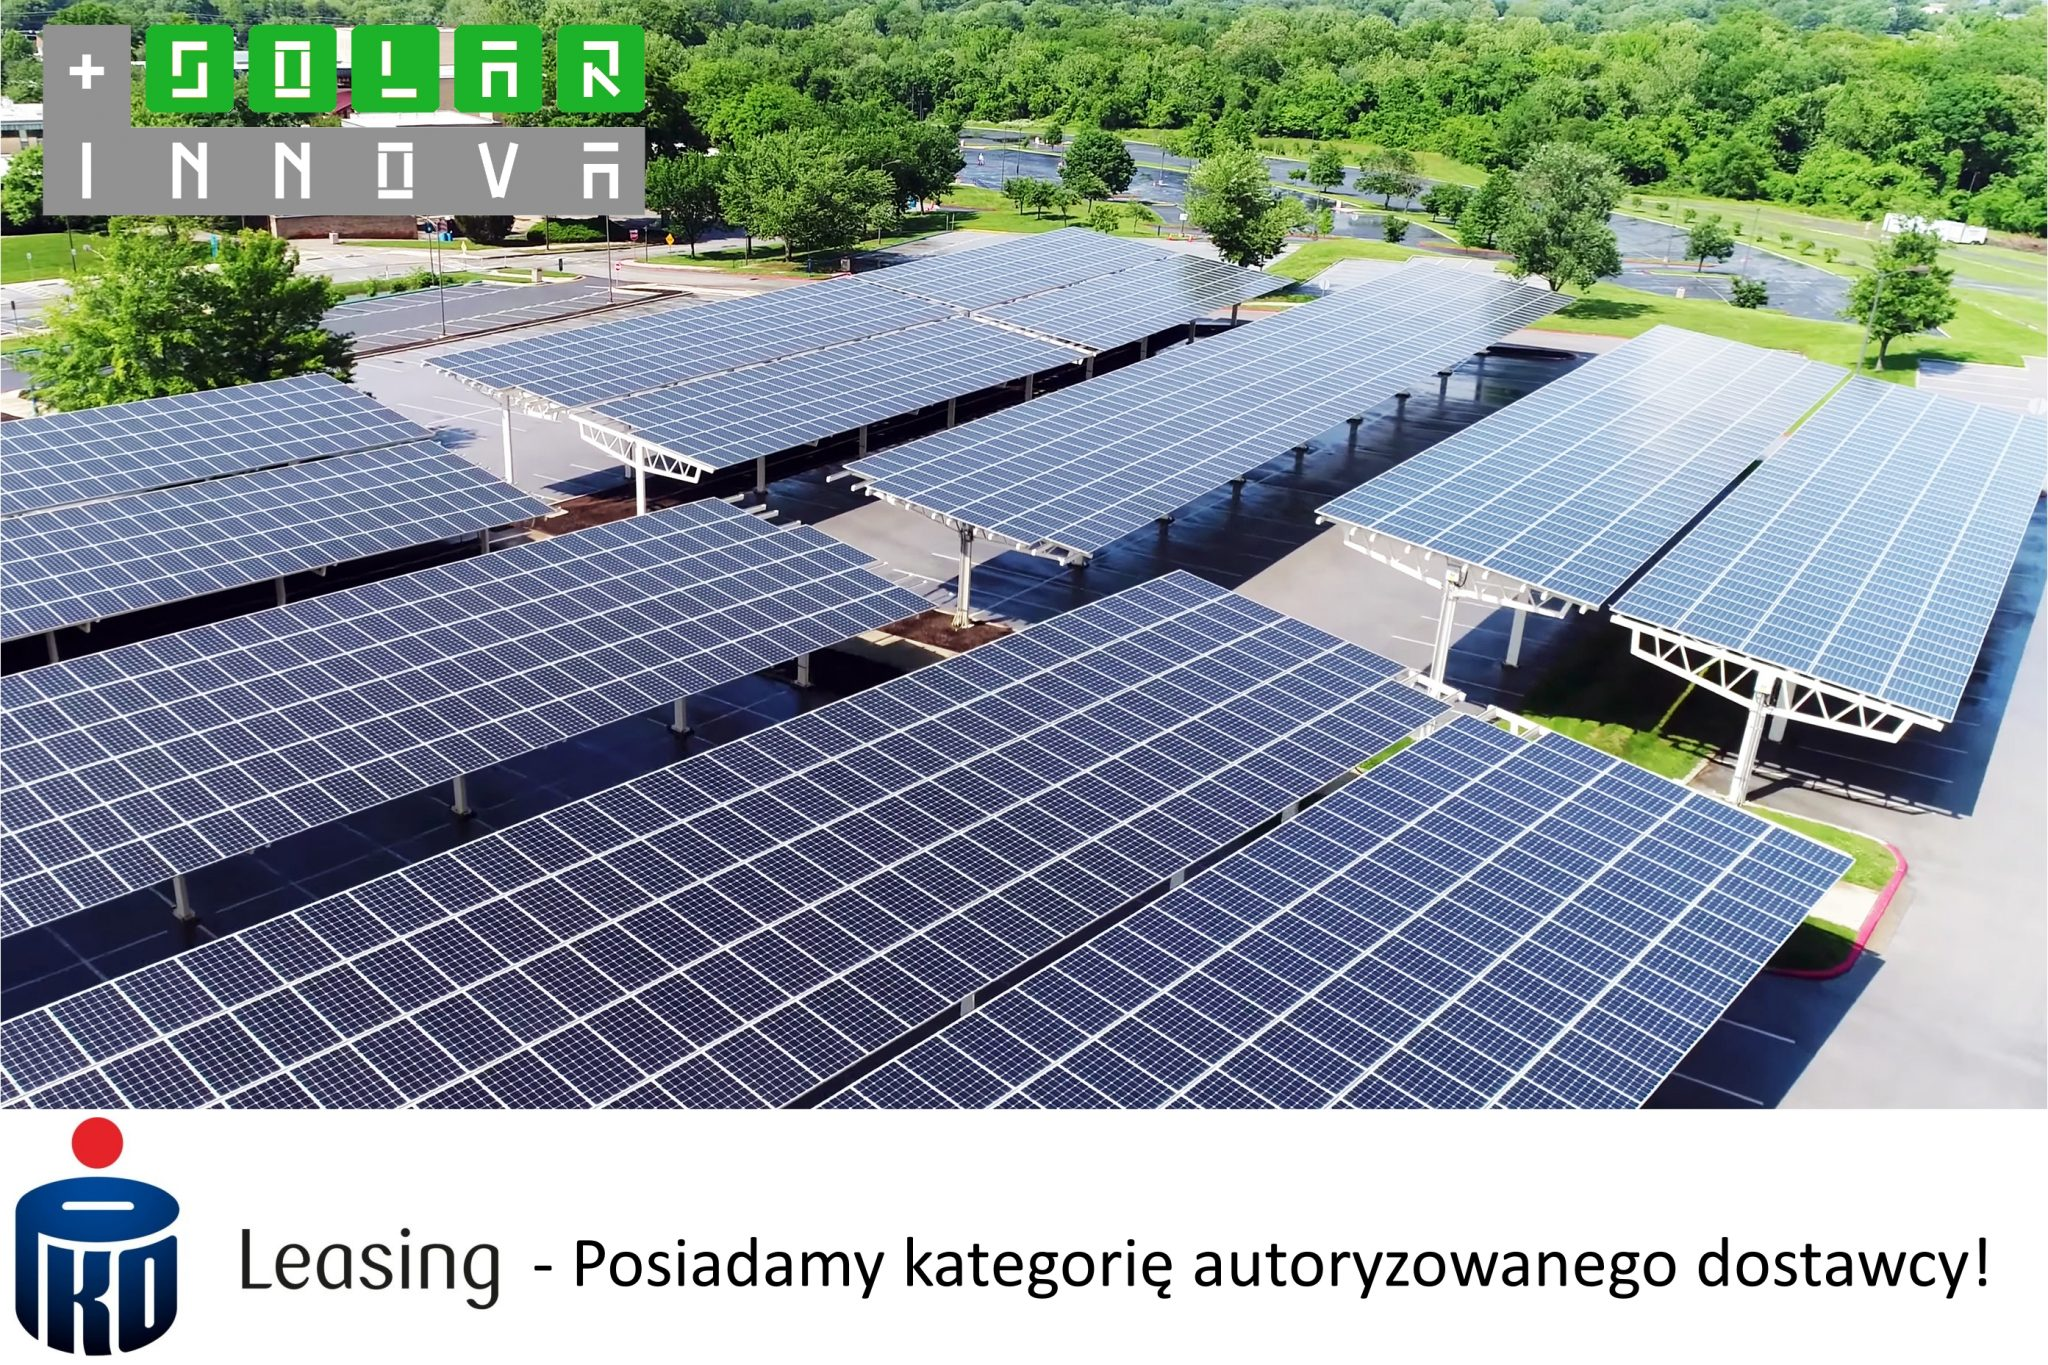 pko-leasing-autoryzowany-dostawca